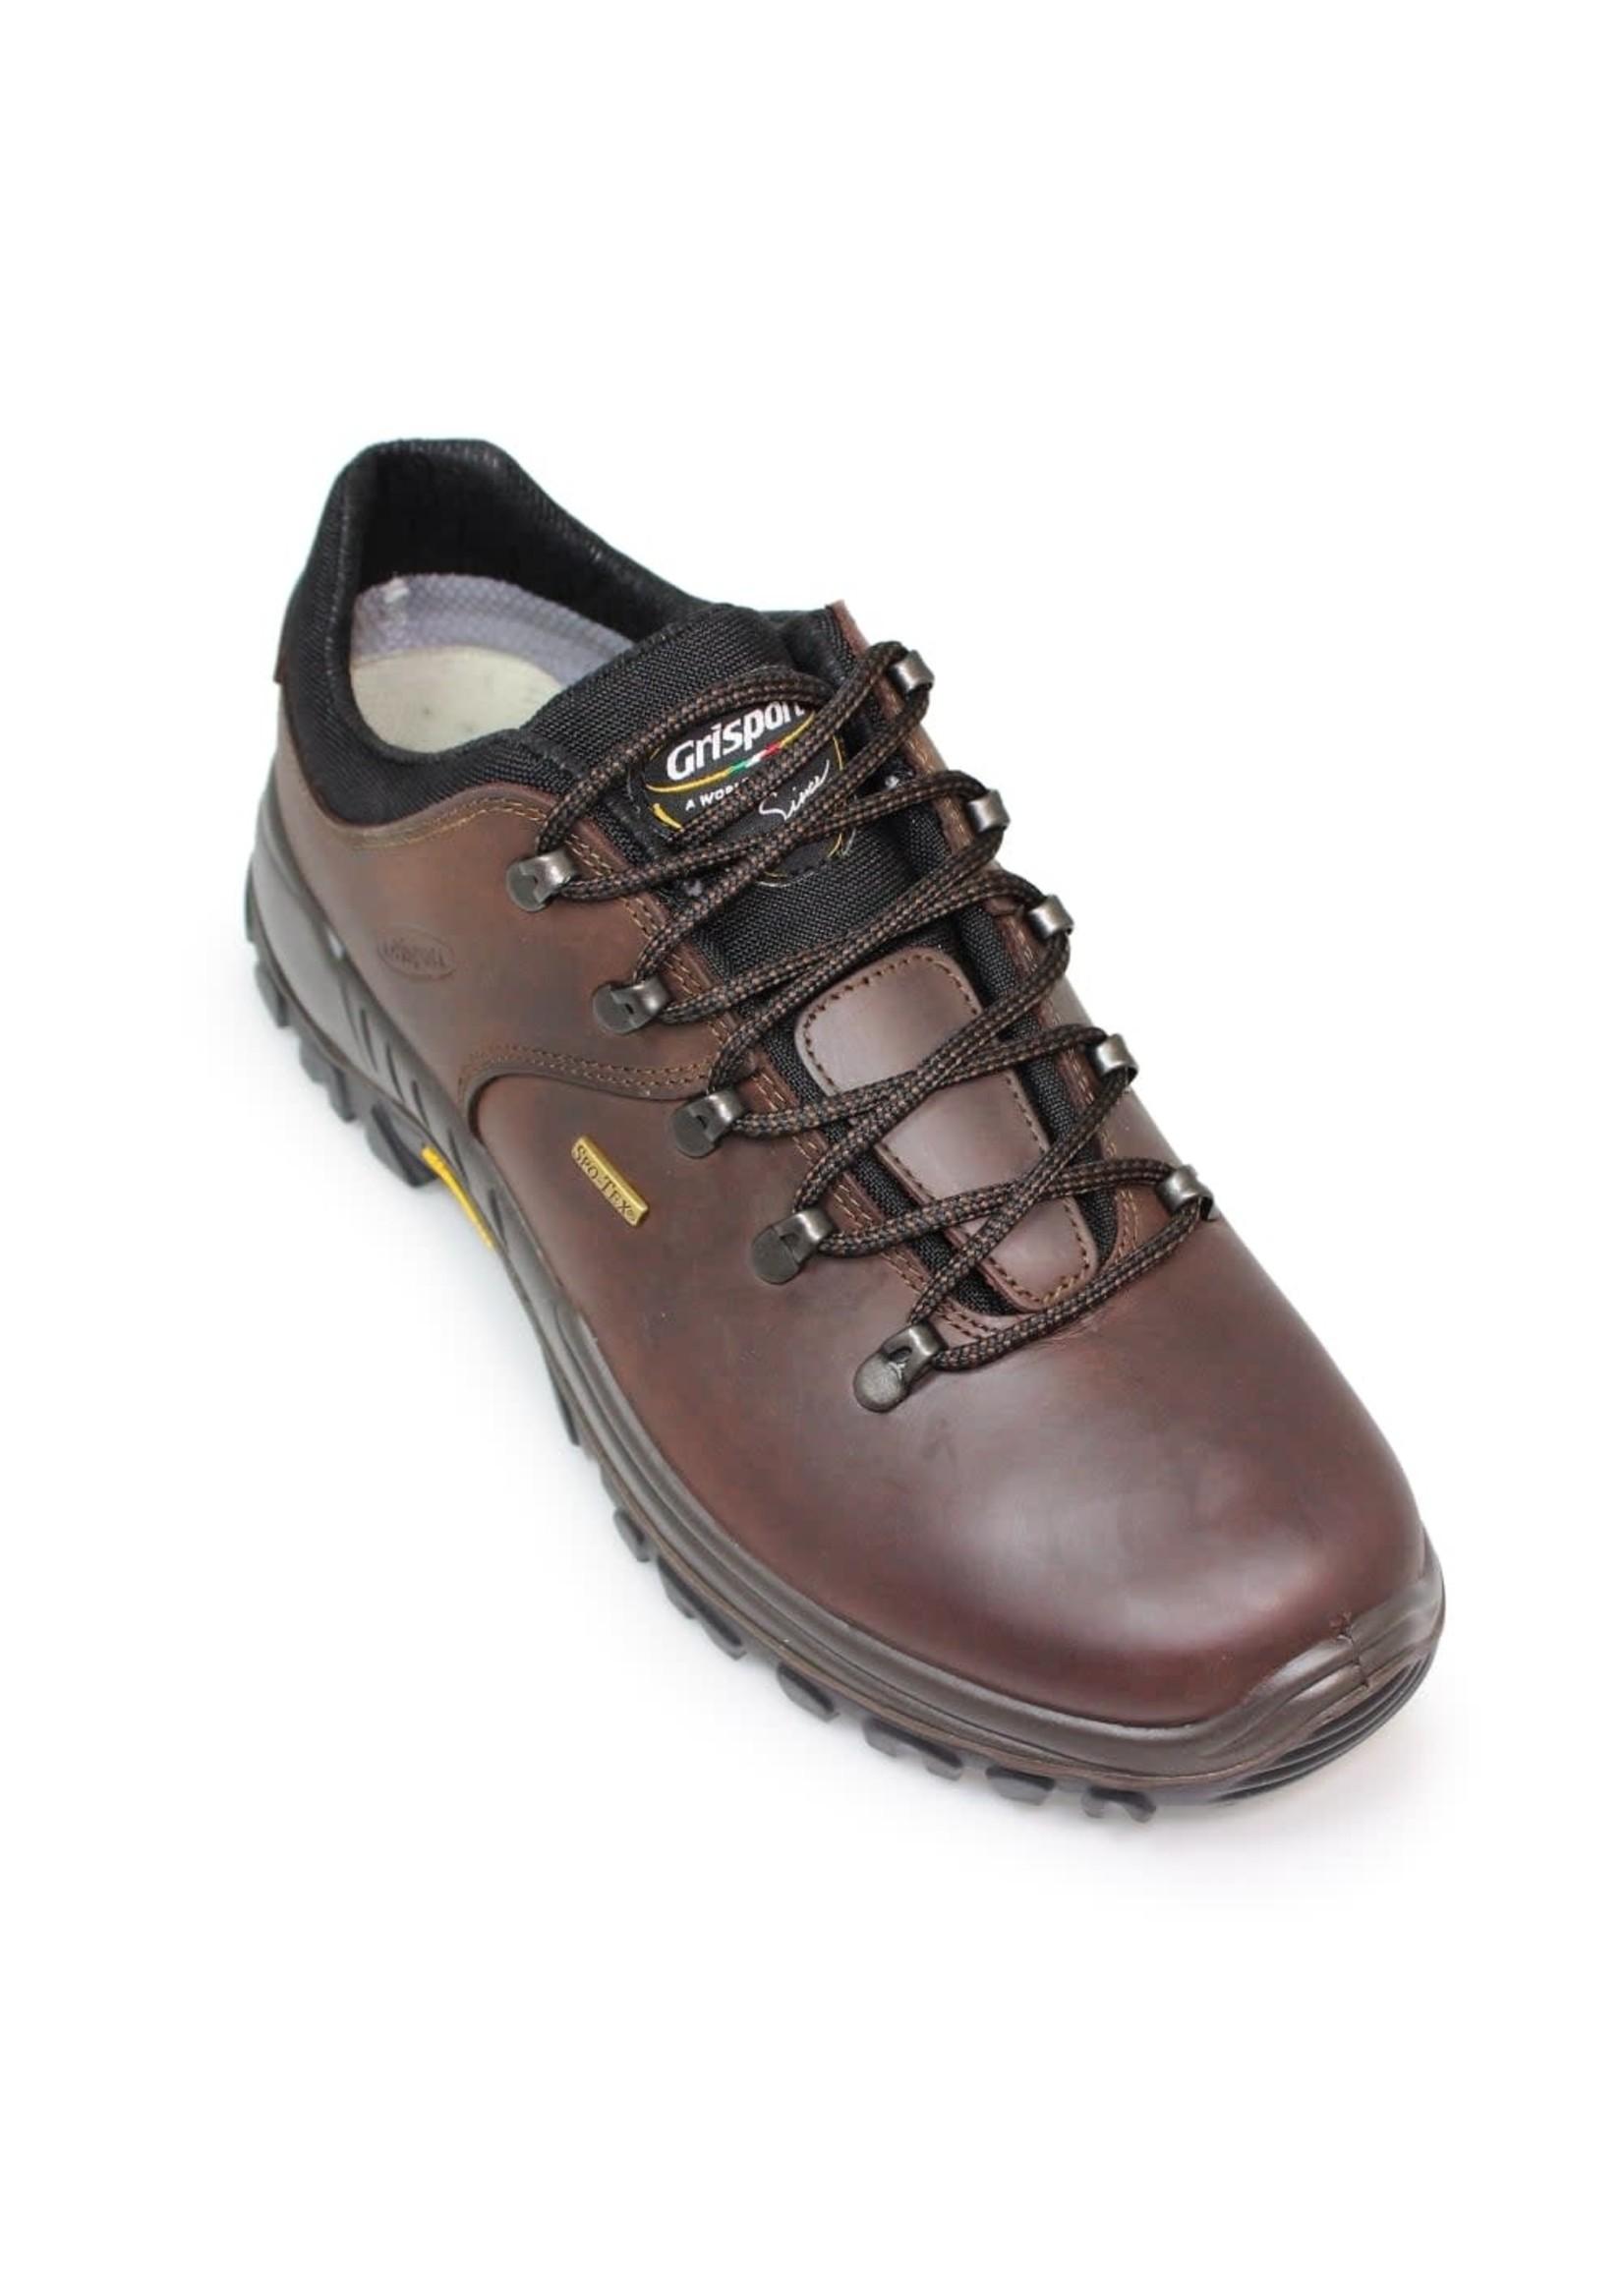 Gri-Sport Grisport Mens Dartmoor Walking Shoe